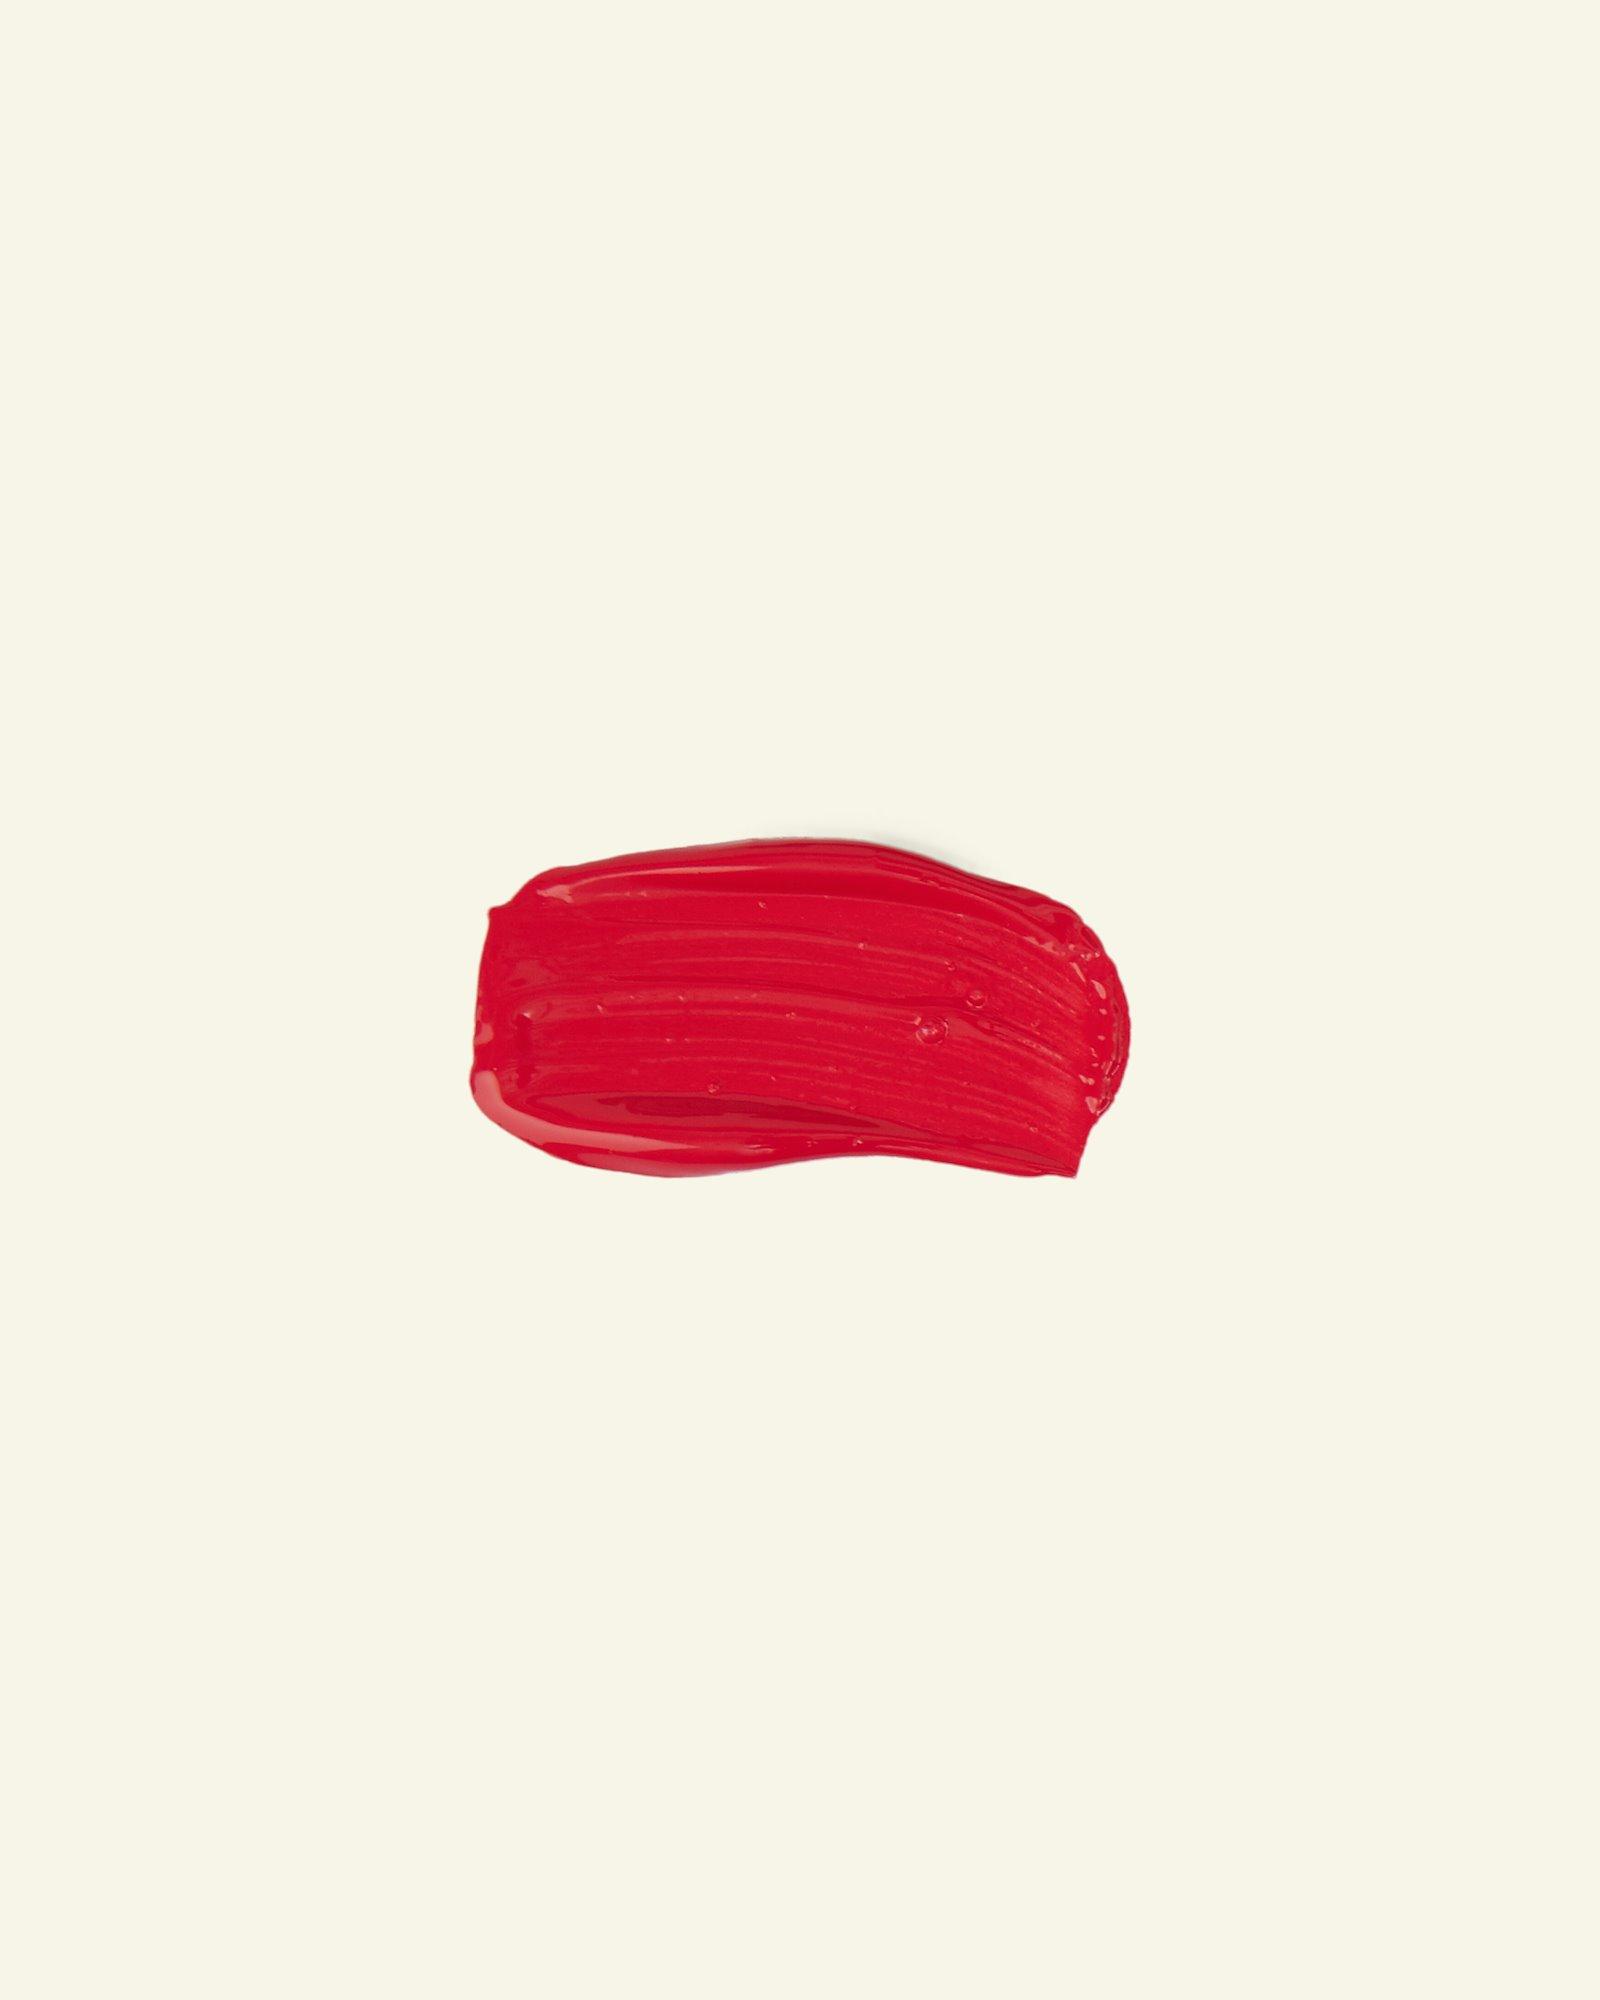 Javana opq fabric paint wine red 50ml